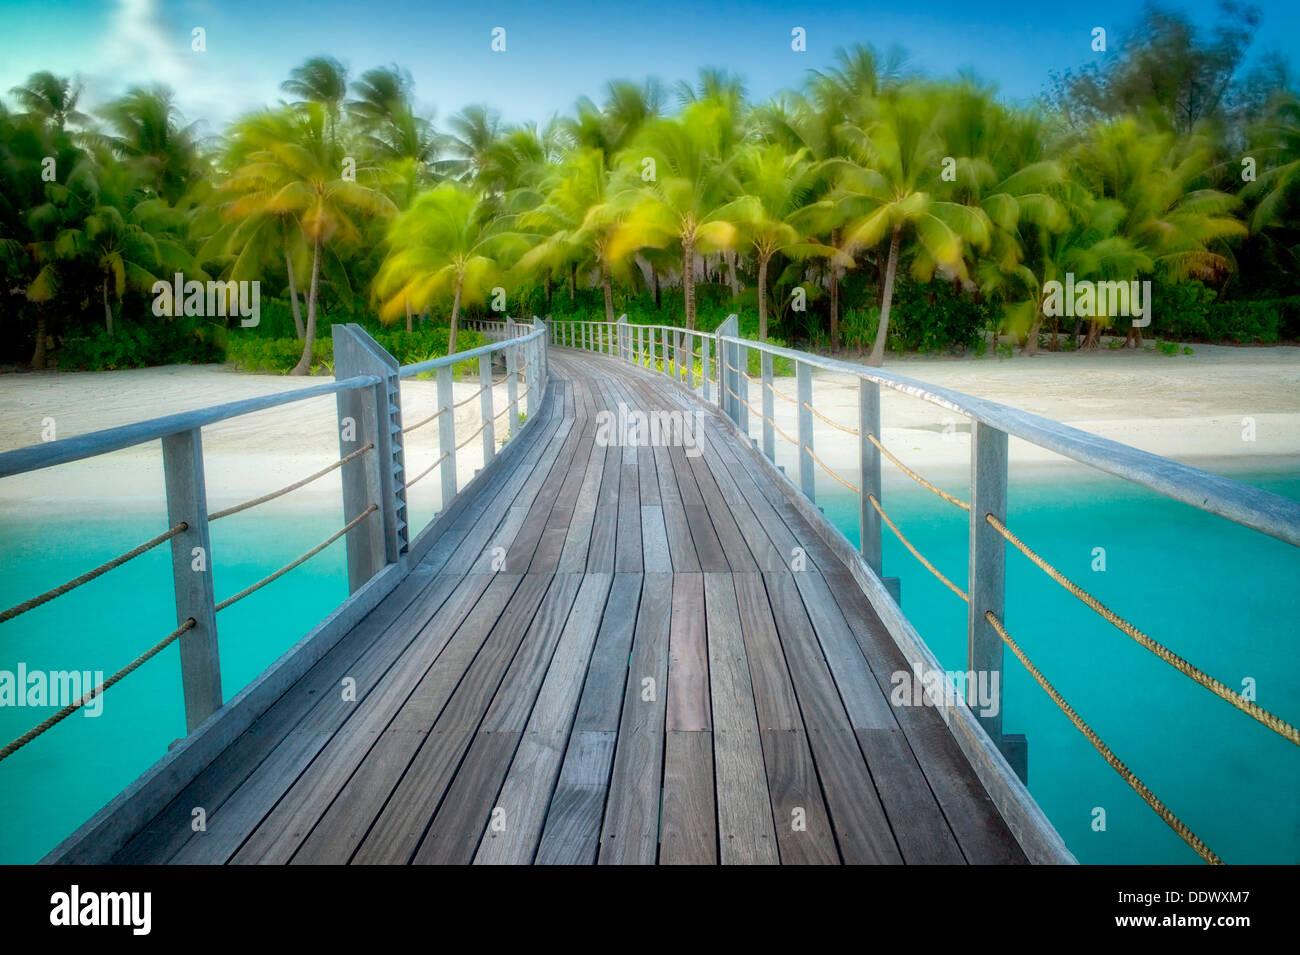 Il lungomare di palme al vento. Polinesia francese Immagini Stock